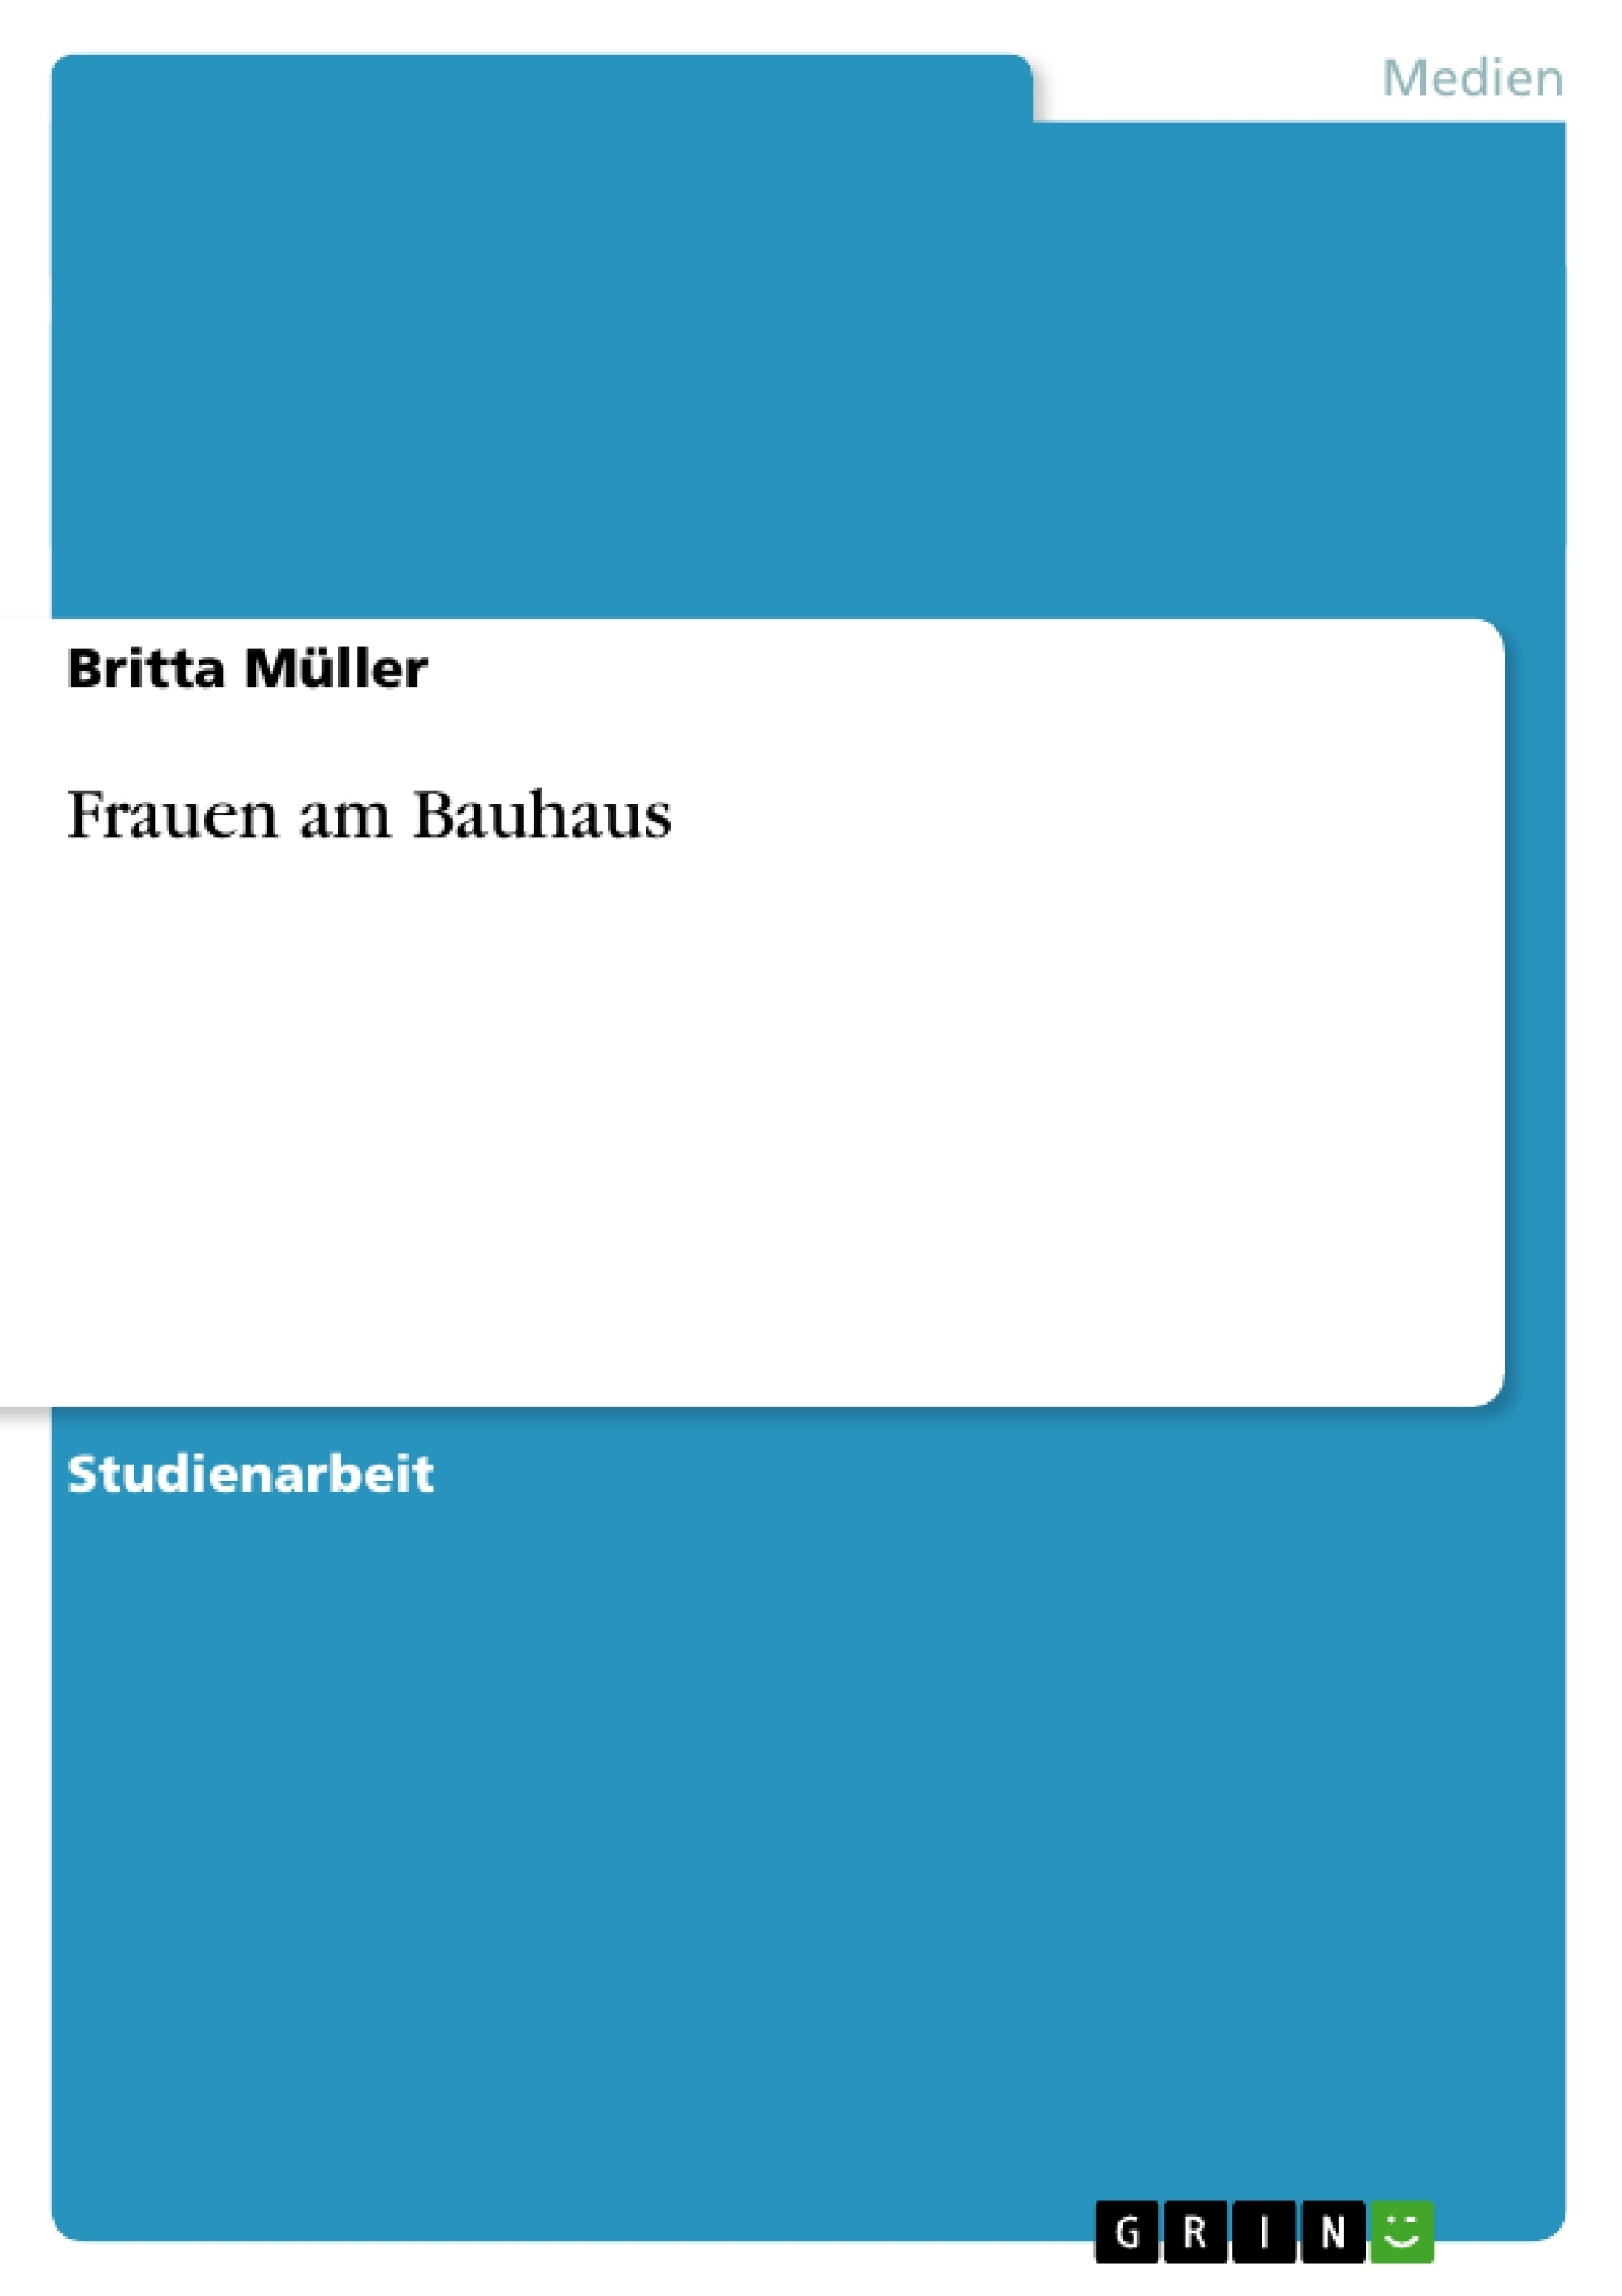 Titel: Frauen am Bauhaus